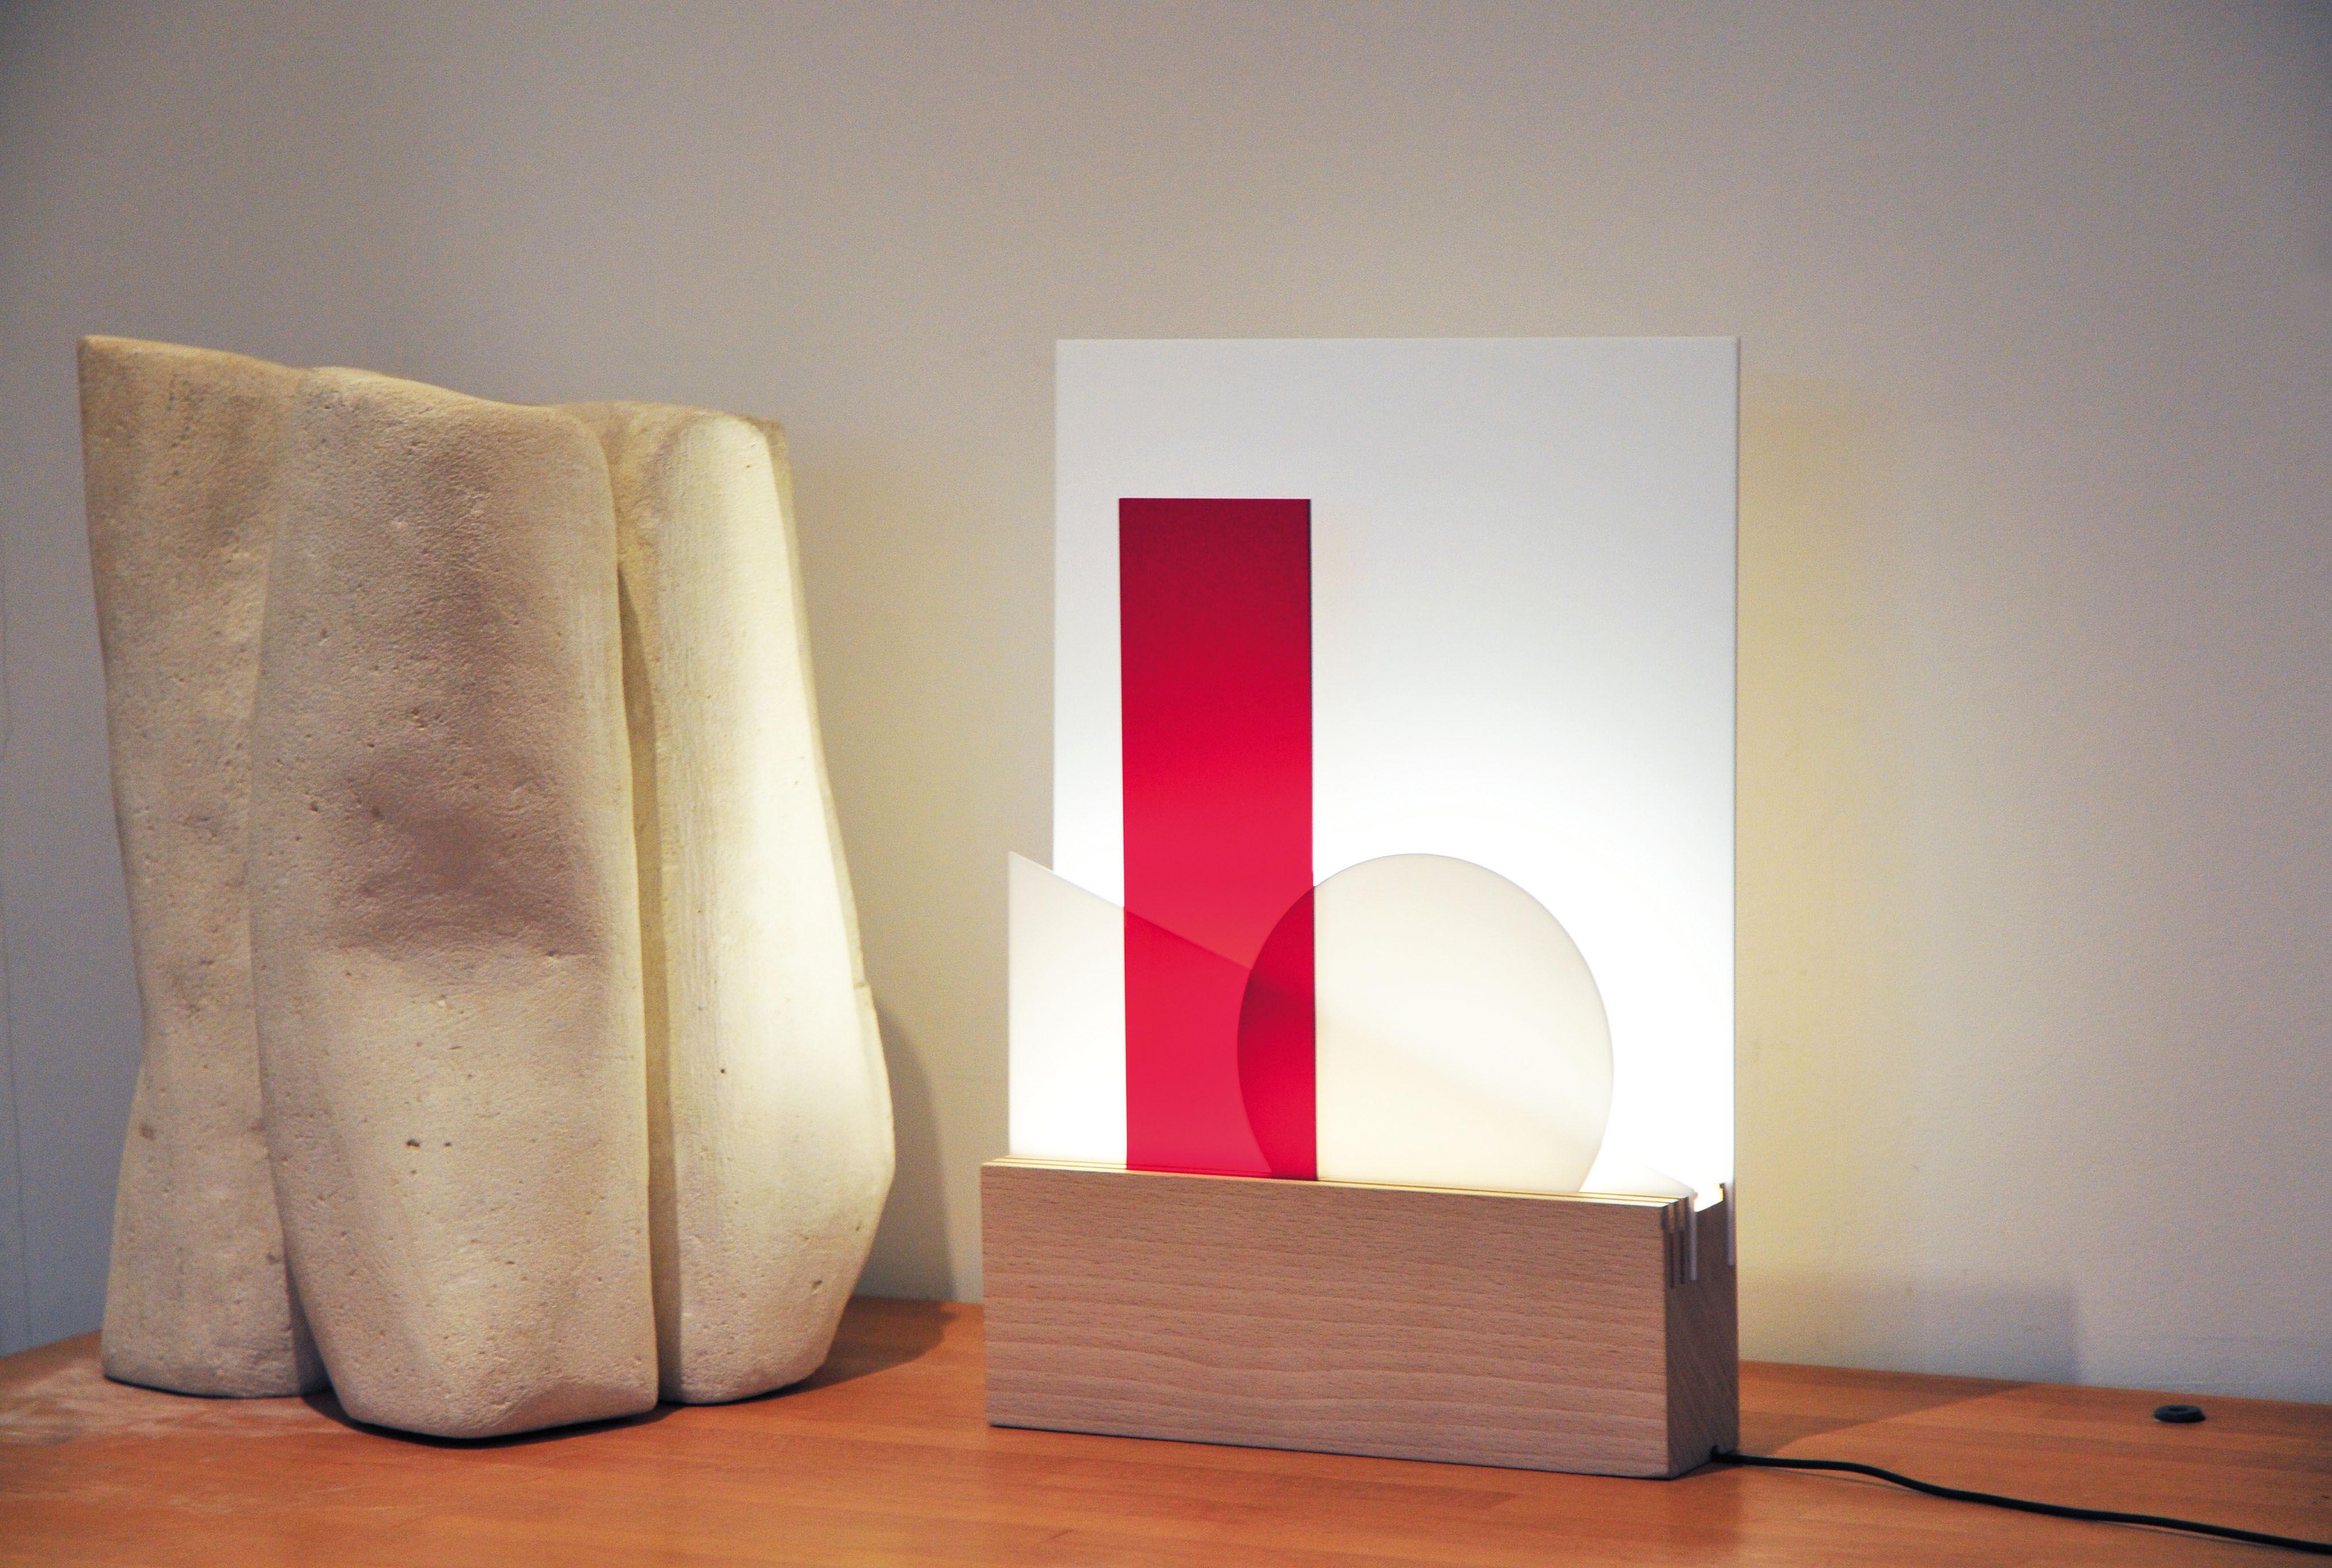 euclide tischleuchte led modular holz austauschbare platten in unterschiedlichen farben by. Black Bedroom Furniture Sets. Home Design Ideas